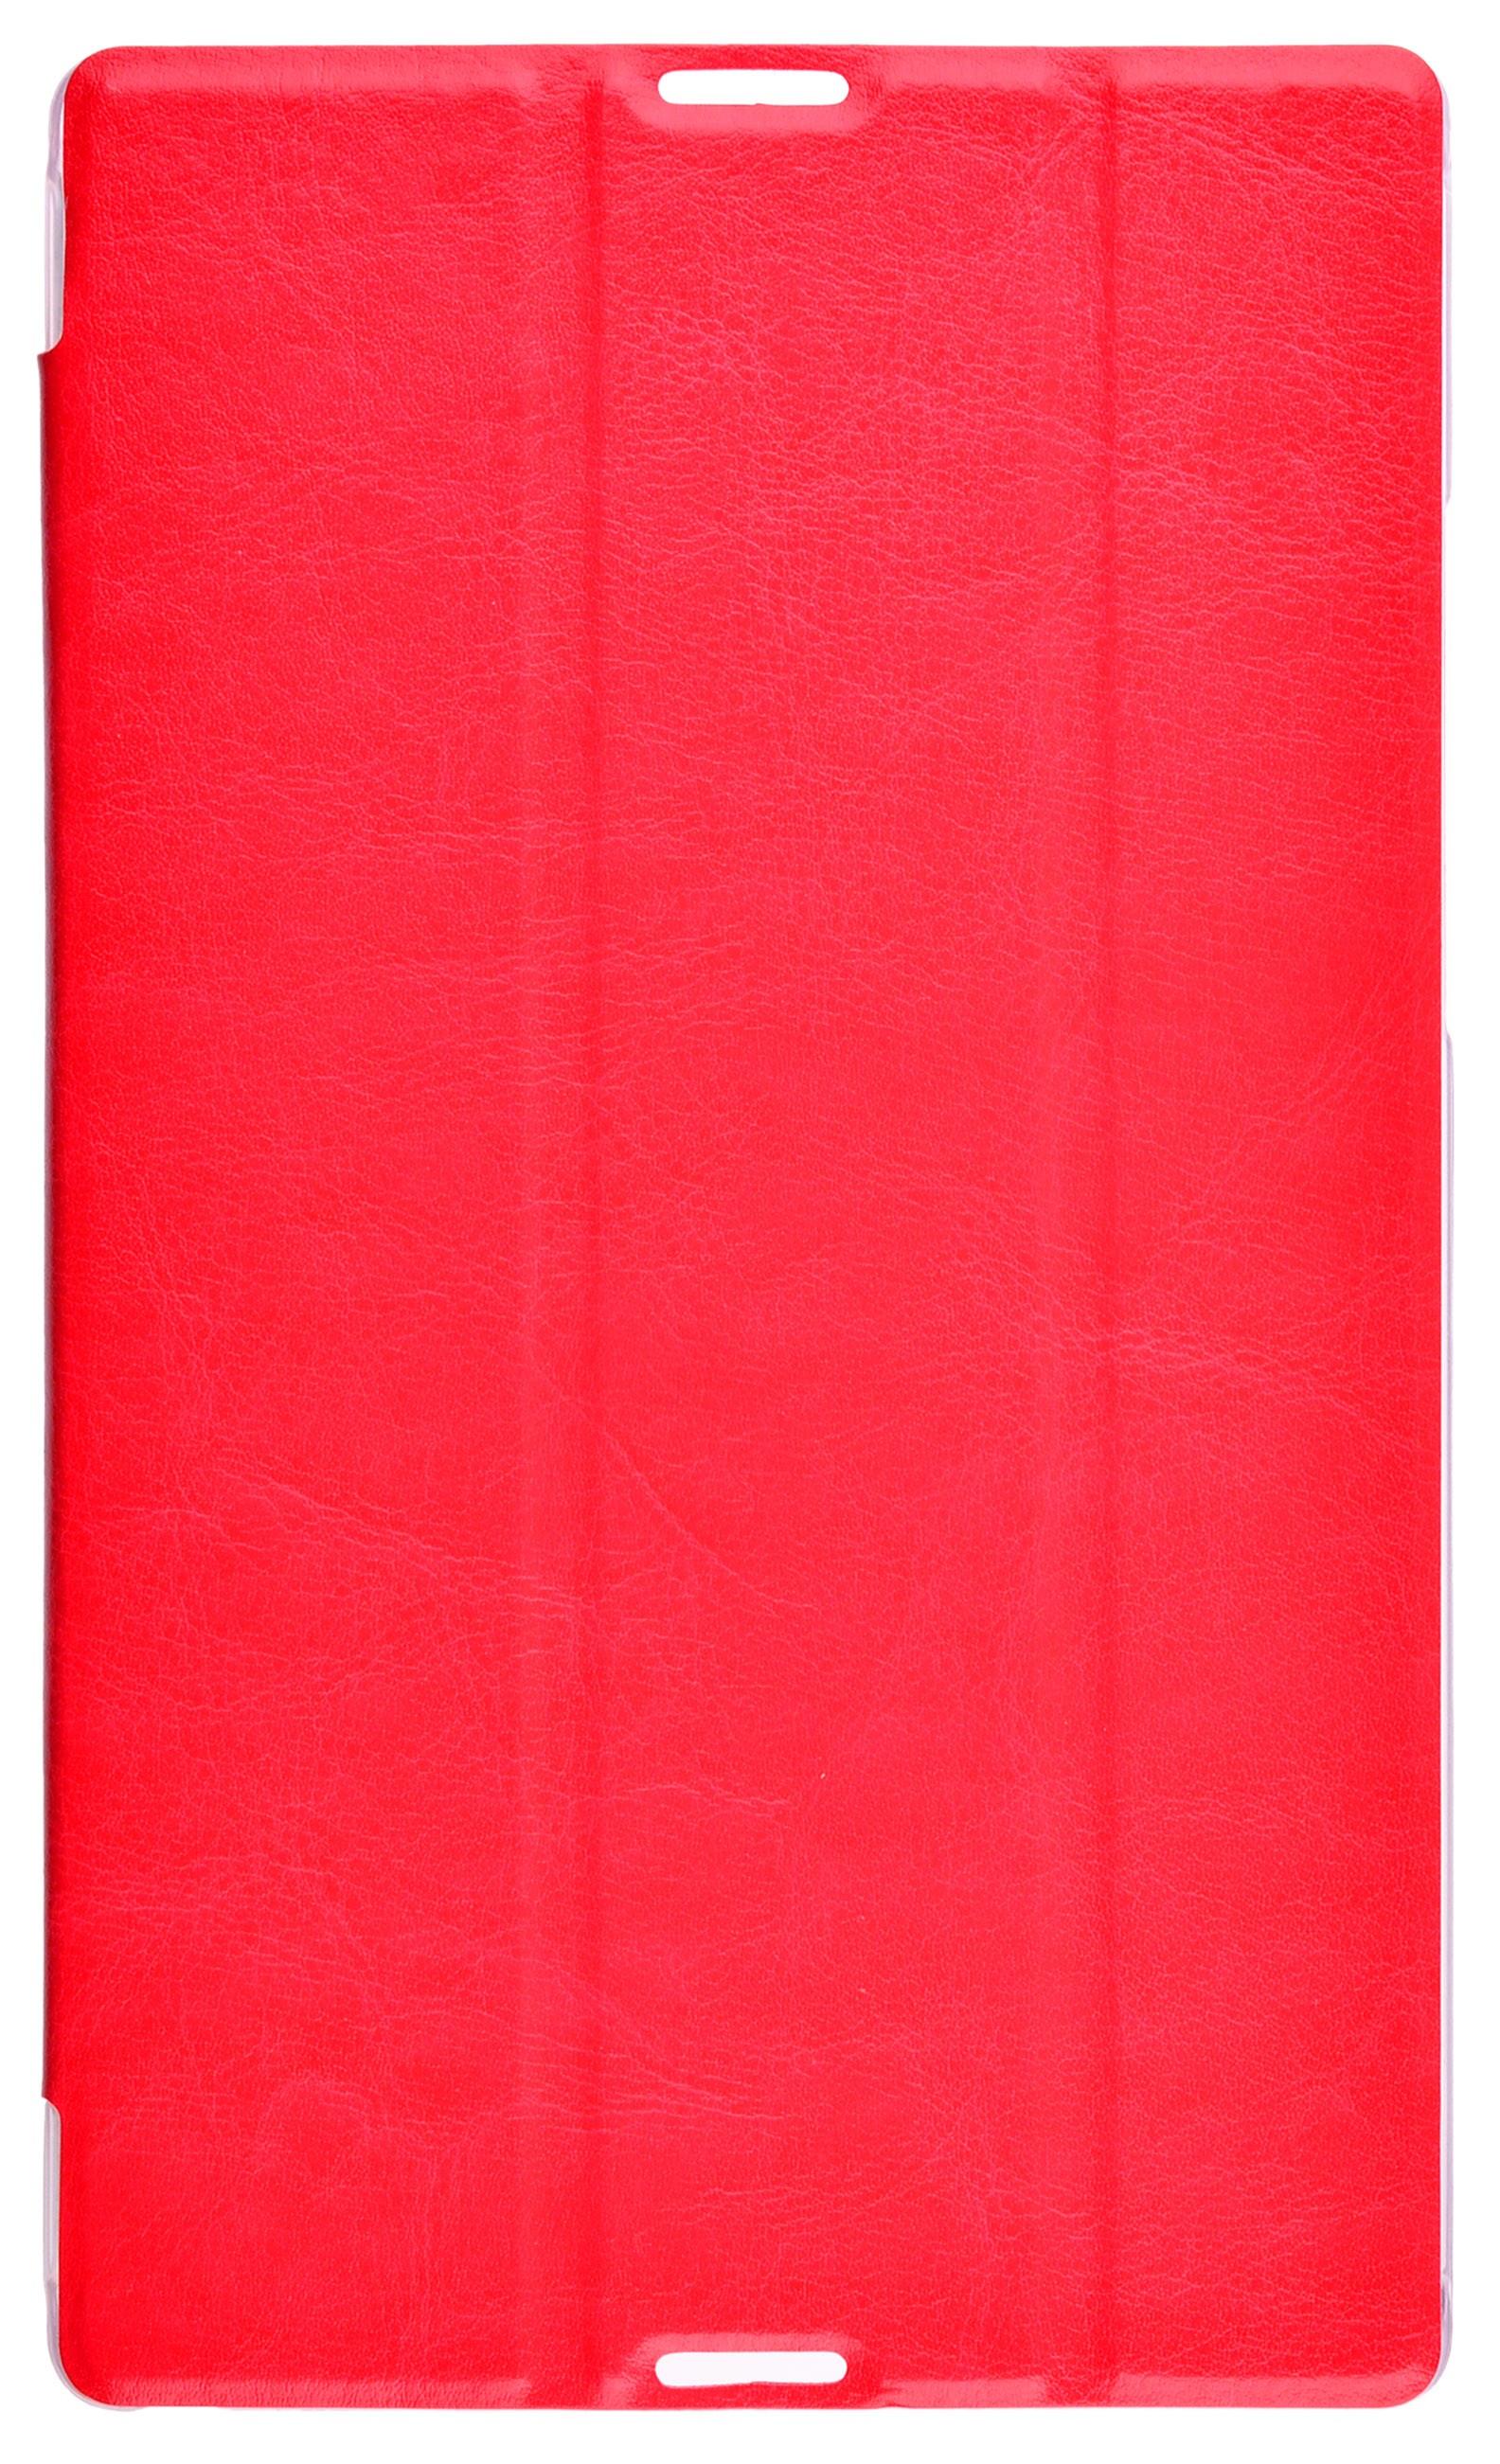 Фото - Чехол для планшета ProShield Smart, 4630042528543, красный чехол для планшета proshield slim case для apple ipad 2018 4660041404463 золотой